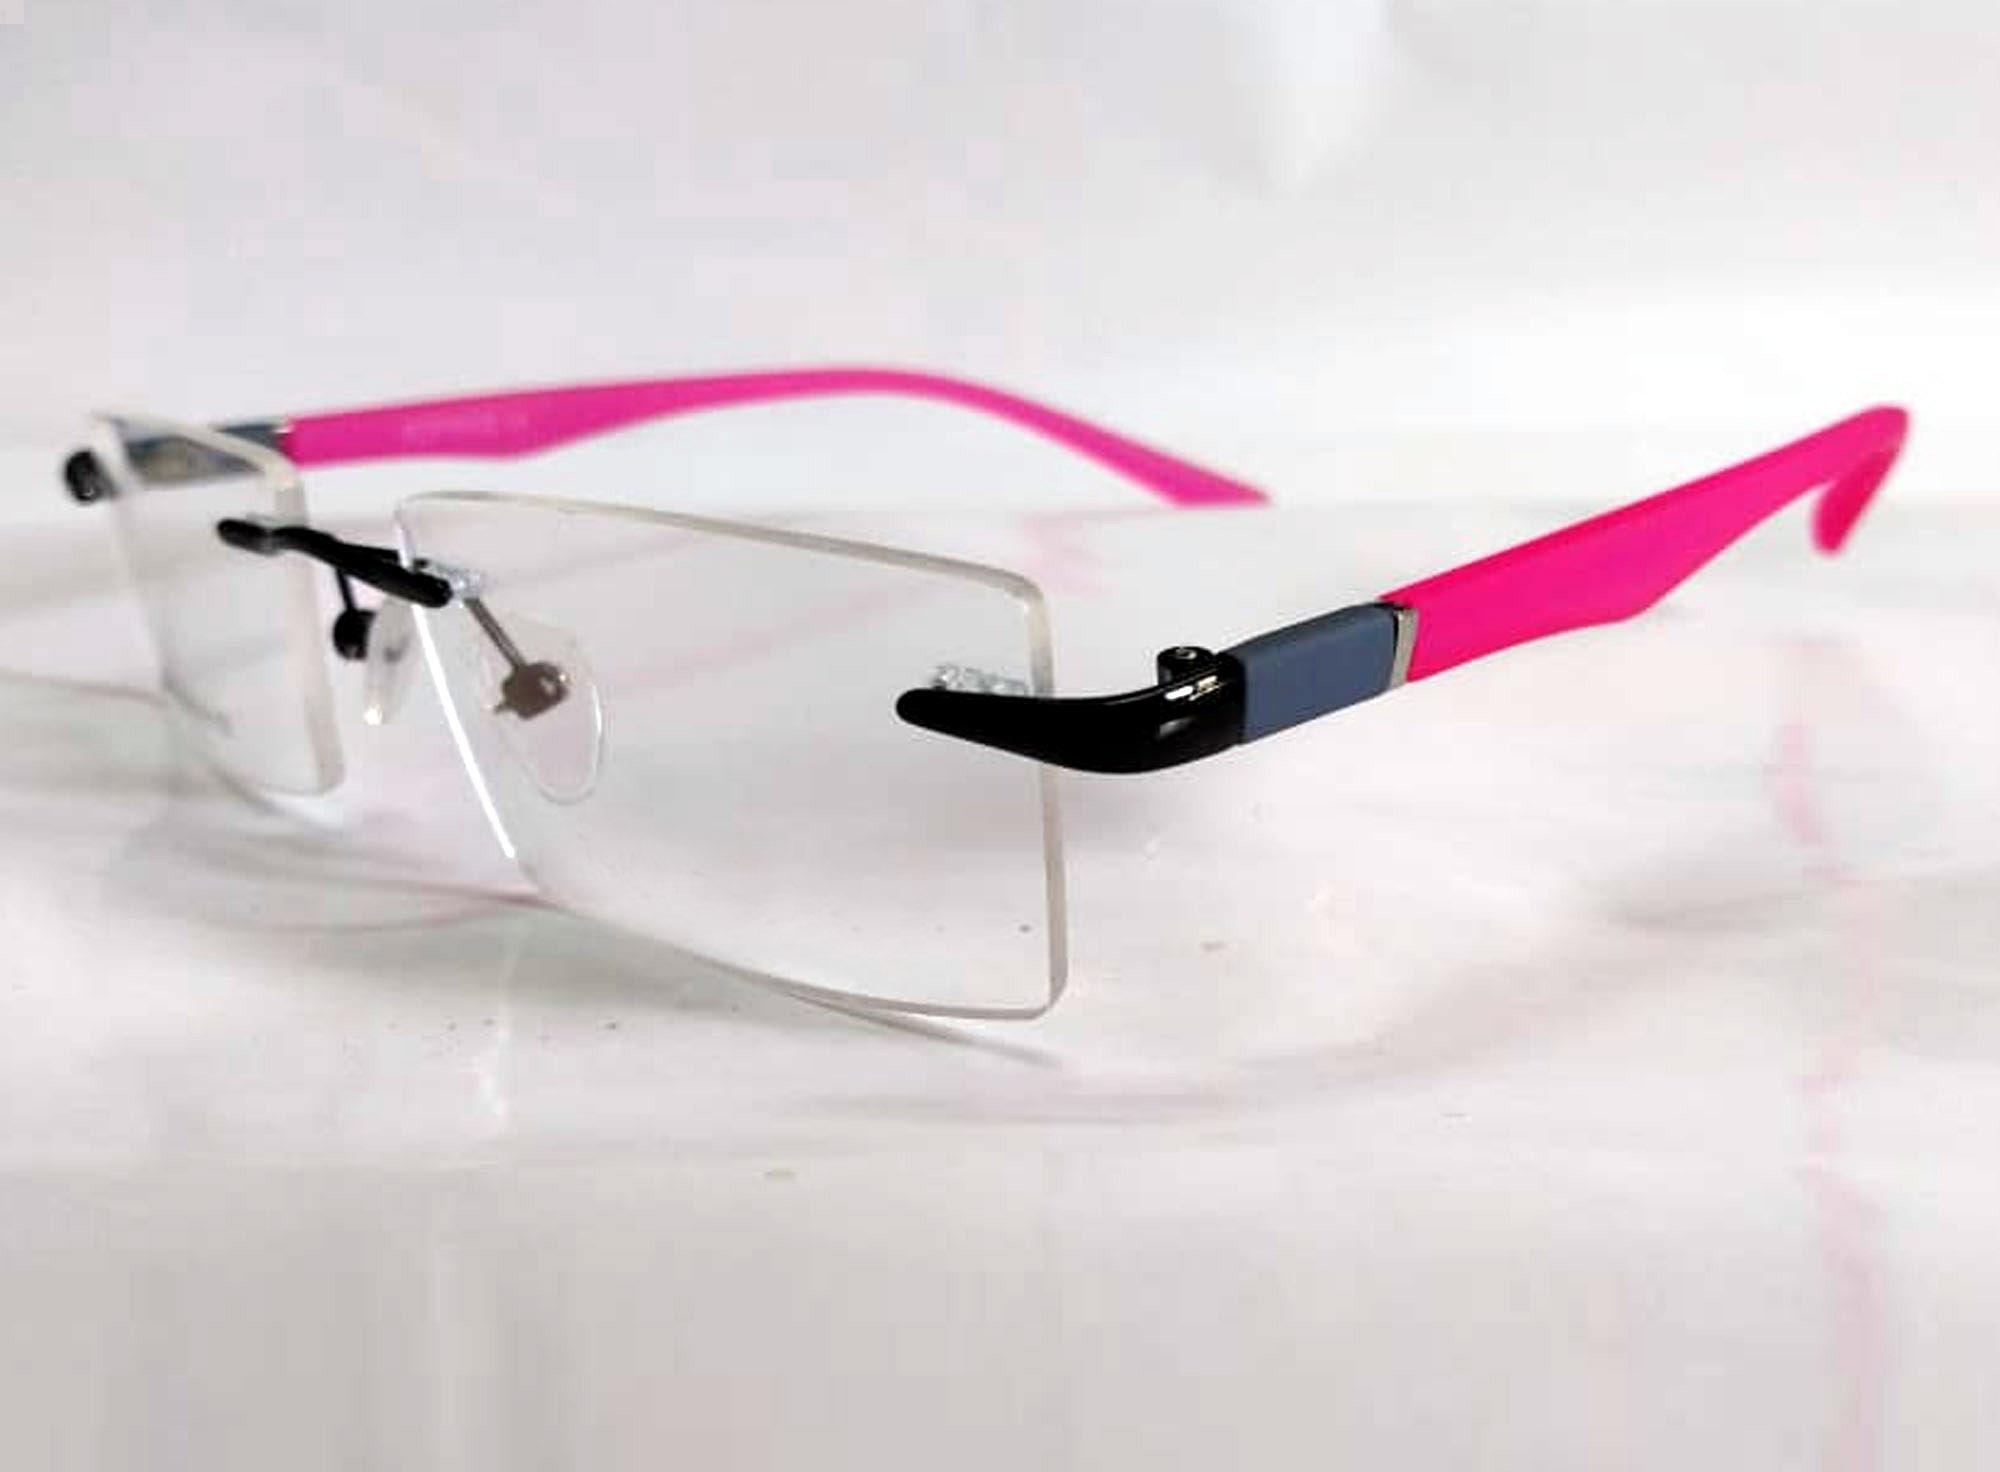 1bfca940544a Mens Prescription glasses - Buy Mens Prescription glasses at Best ...